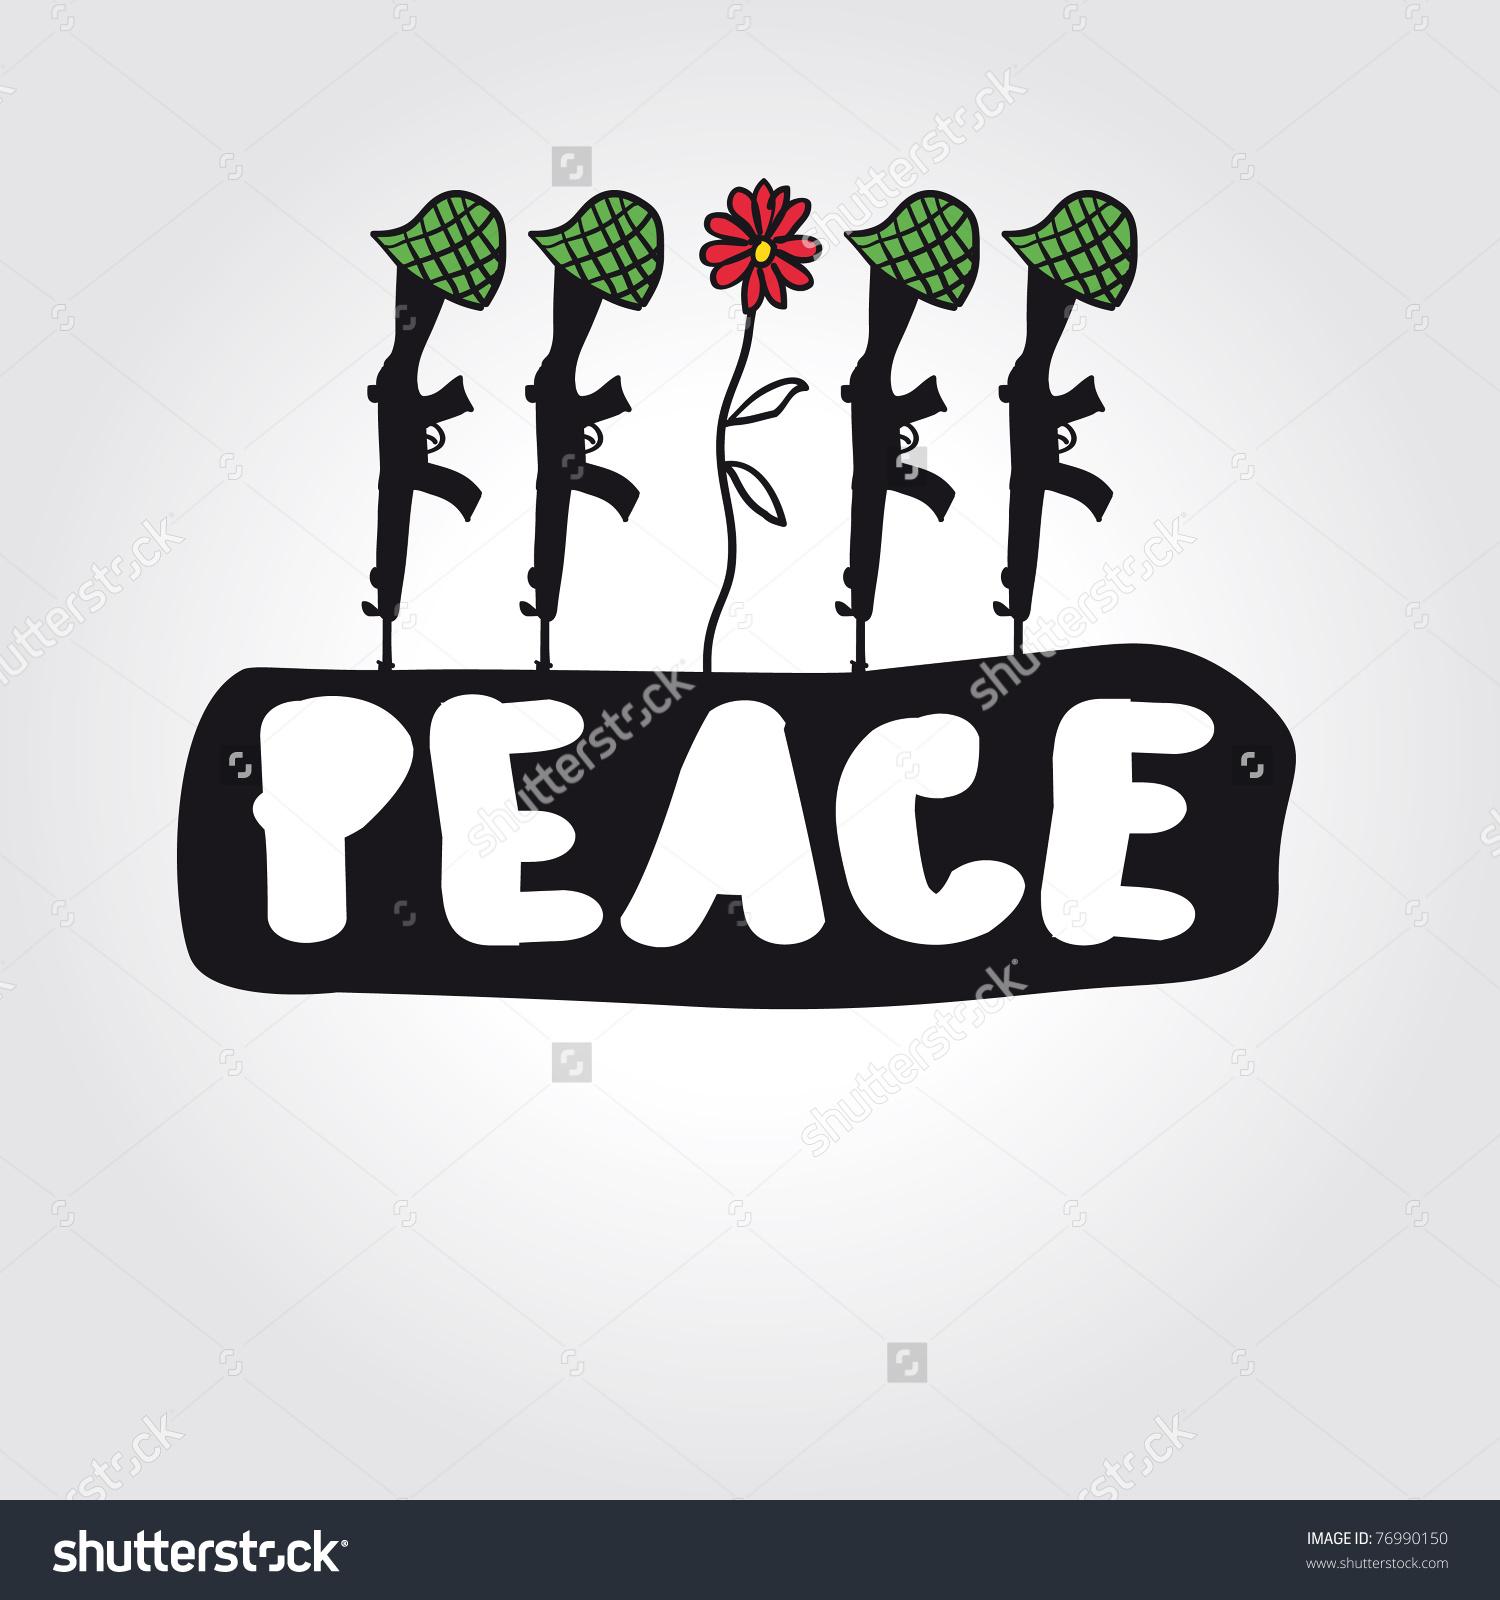 Vector Peace Concept Symbol Antiwar Stock Vector 76990150.